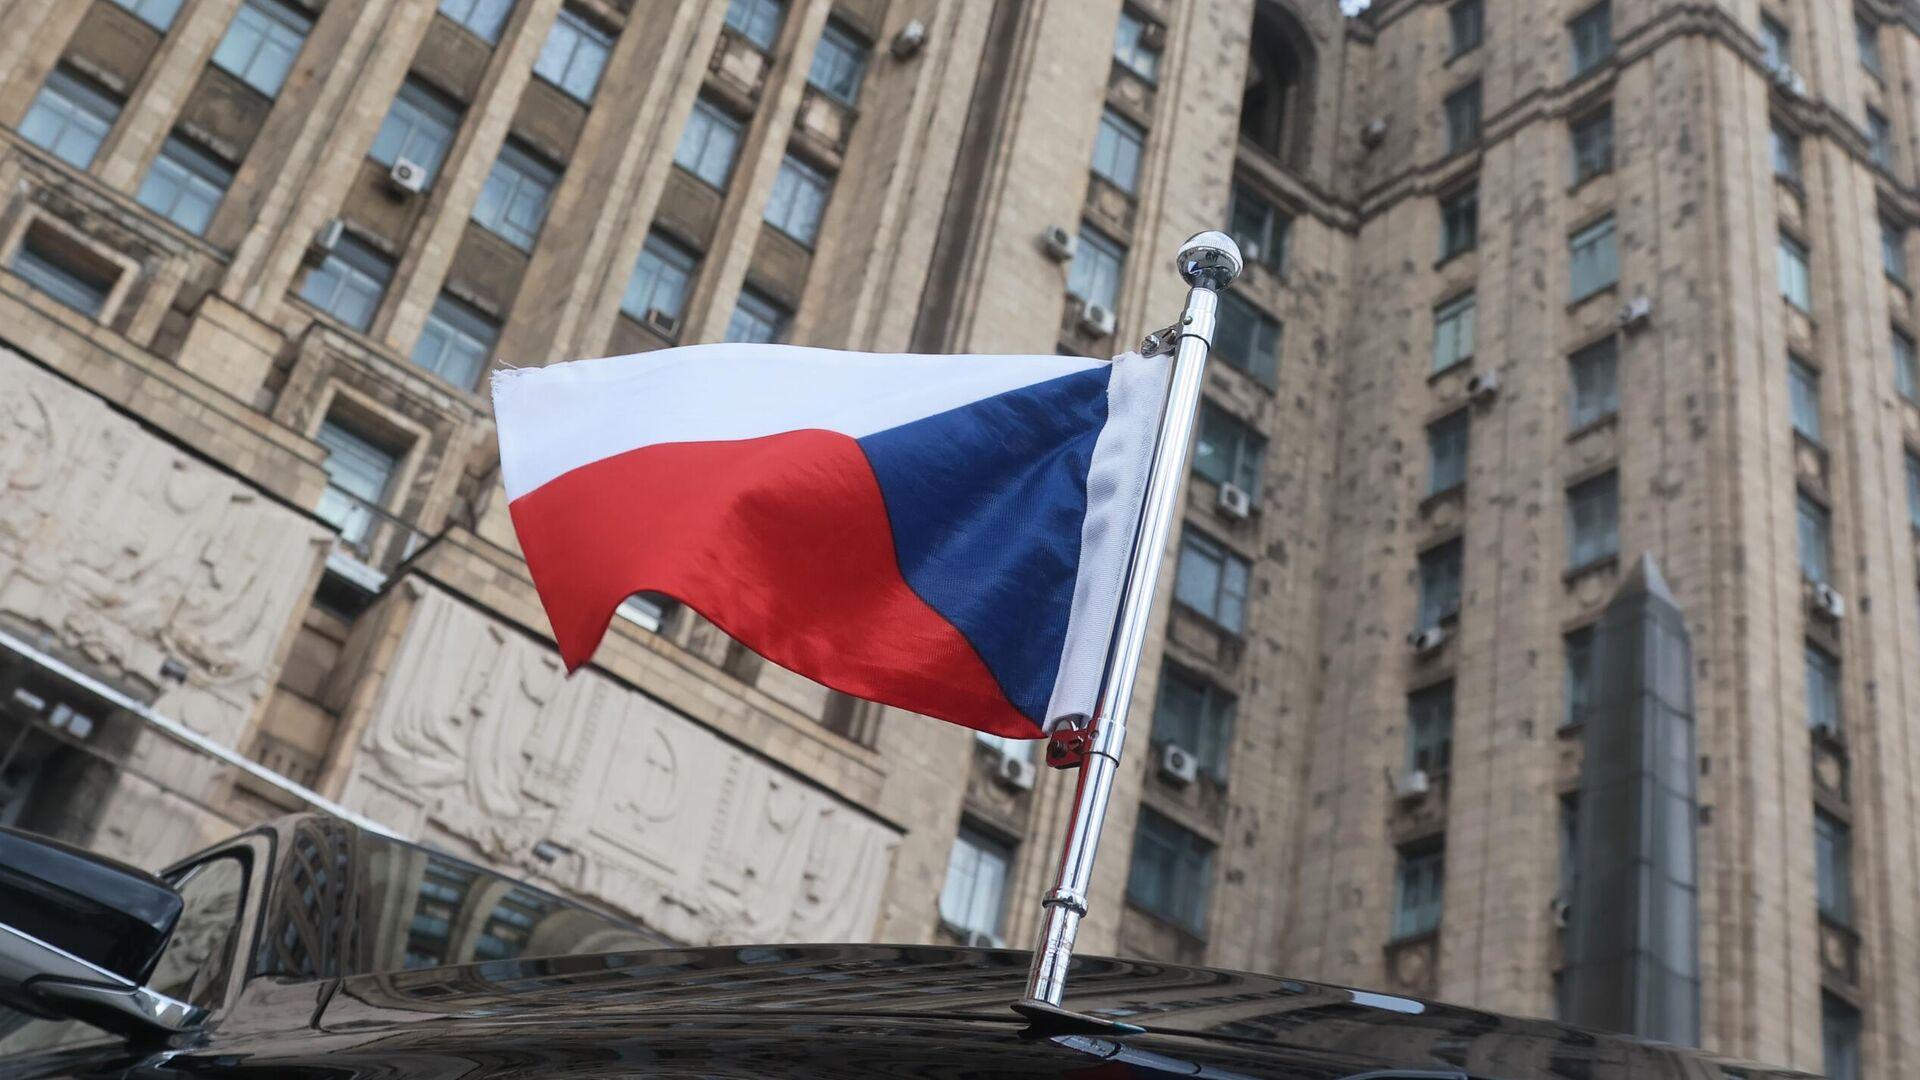 Автомобиль посла Чехии в РФ Витезслав Пивонька возле здания МИД РФ в Москве - РИА Новости, 1920, 04.05.2021